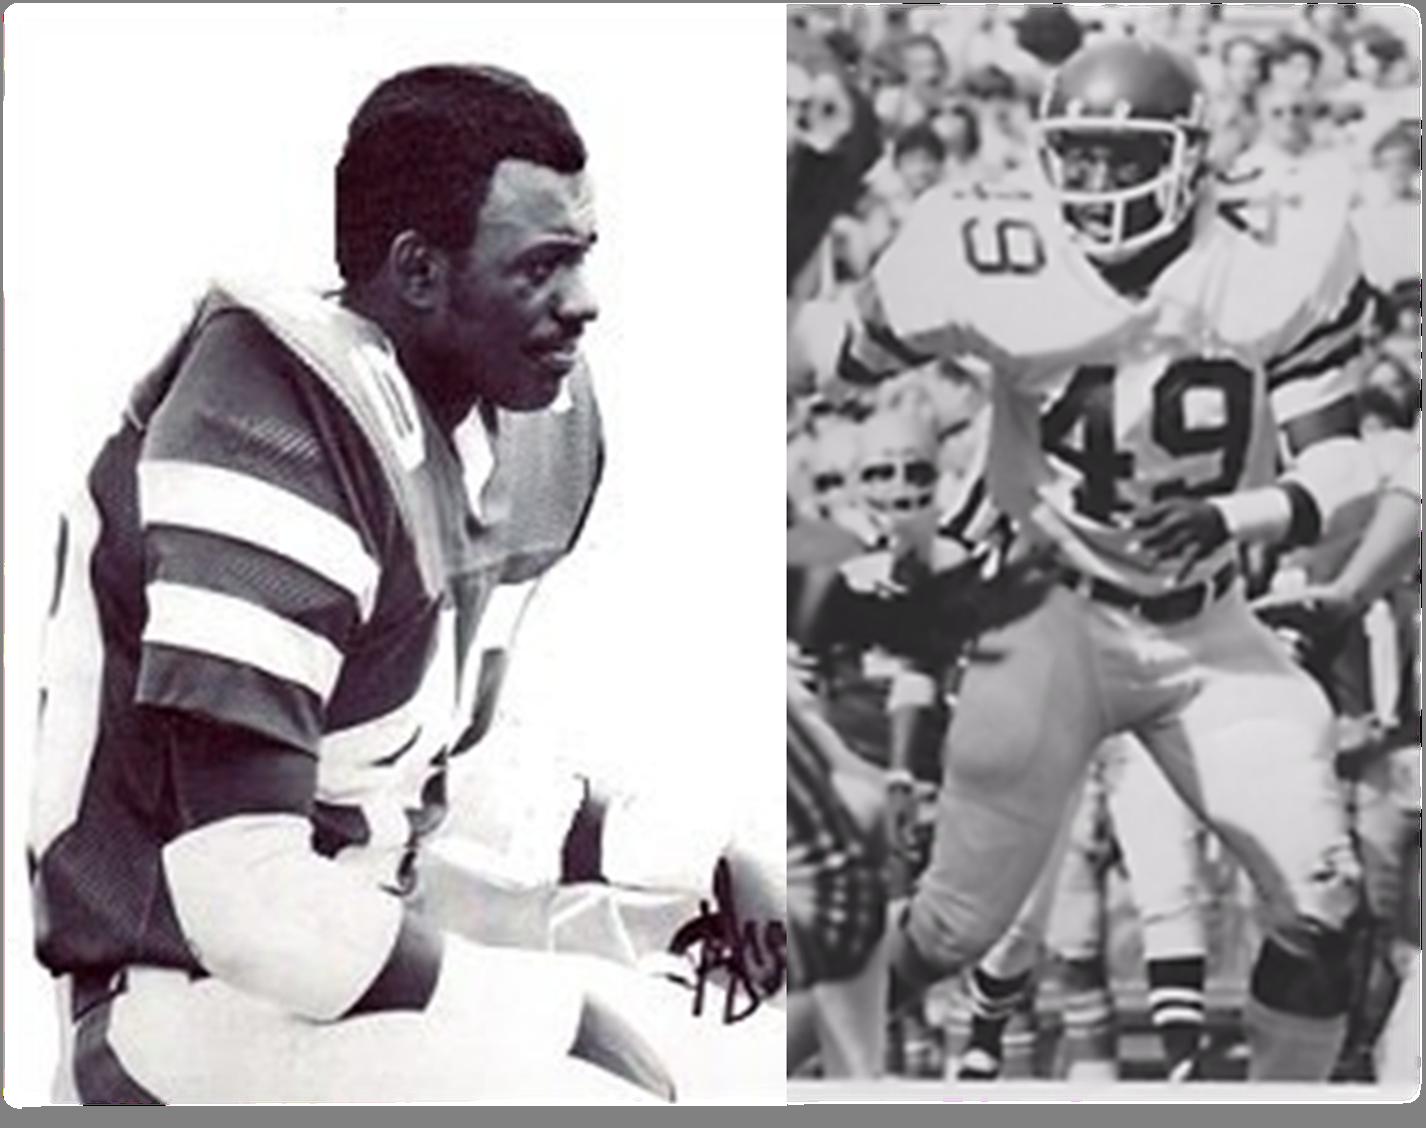 Reggie Grant New York Jets NFL